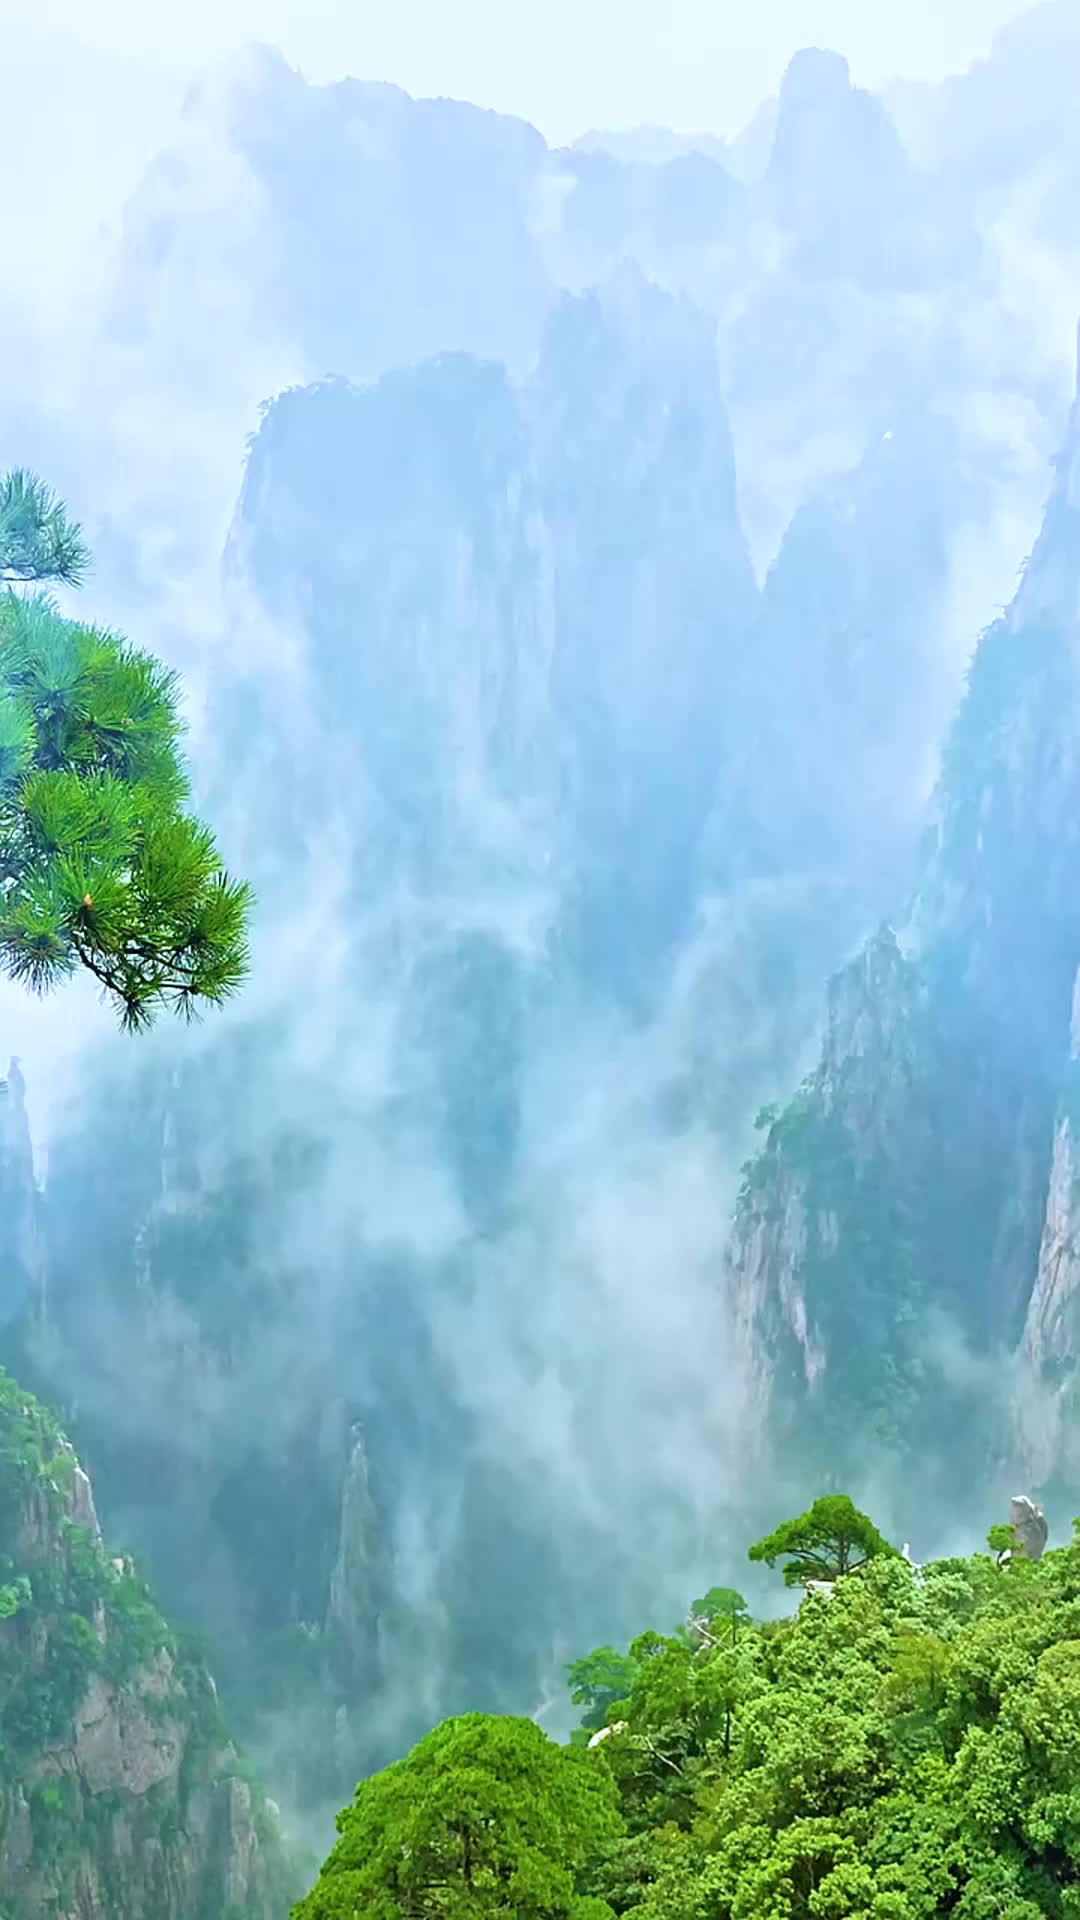 一首好歌《李荣浩-爸爸妈妈》句句戳心,情不自禁一起唱起来了